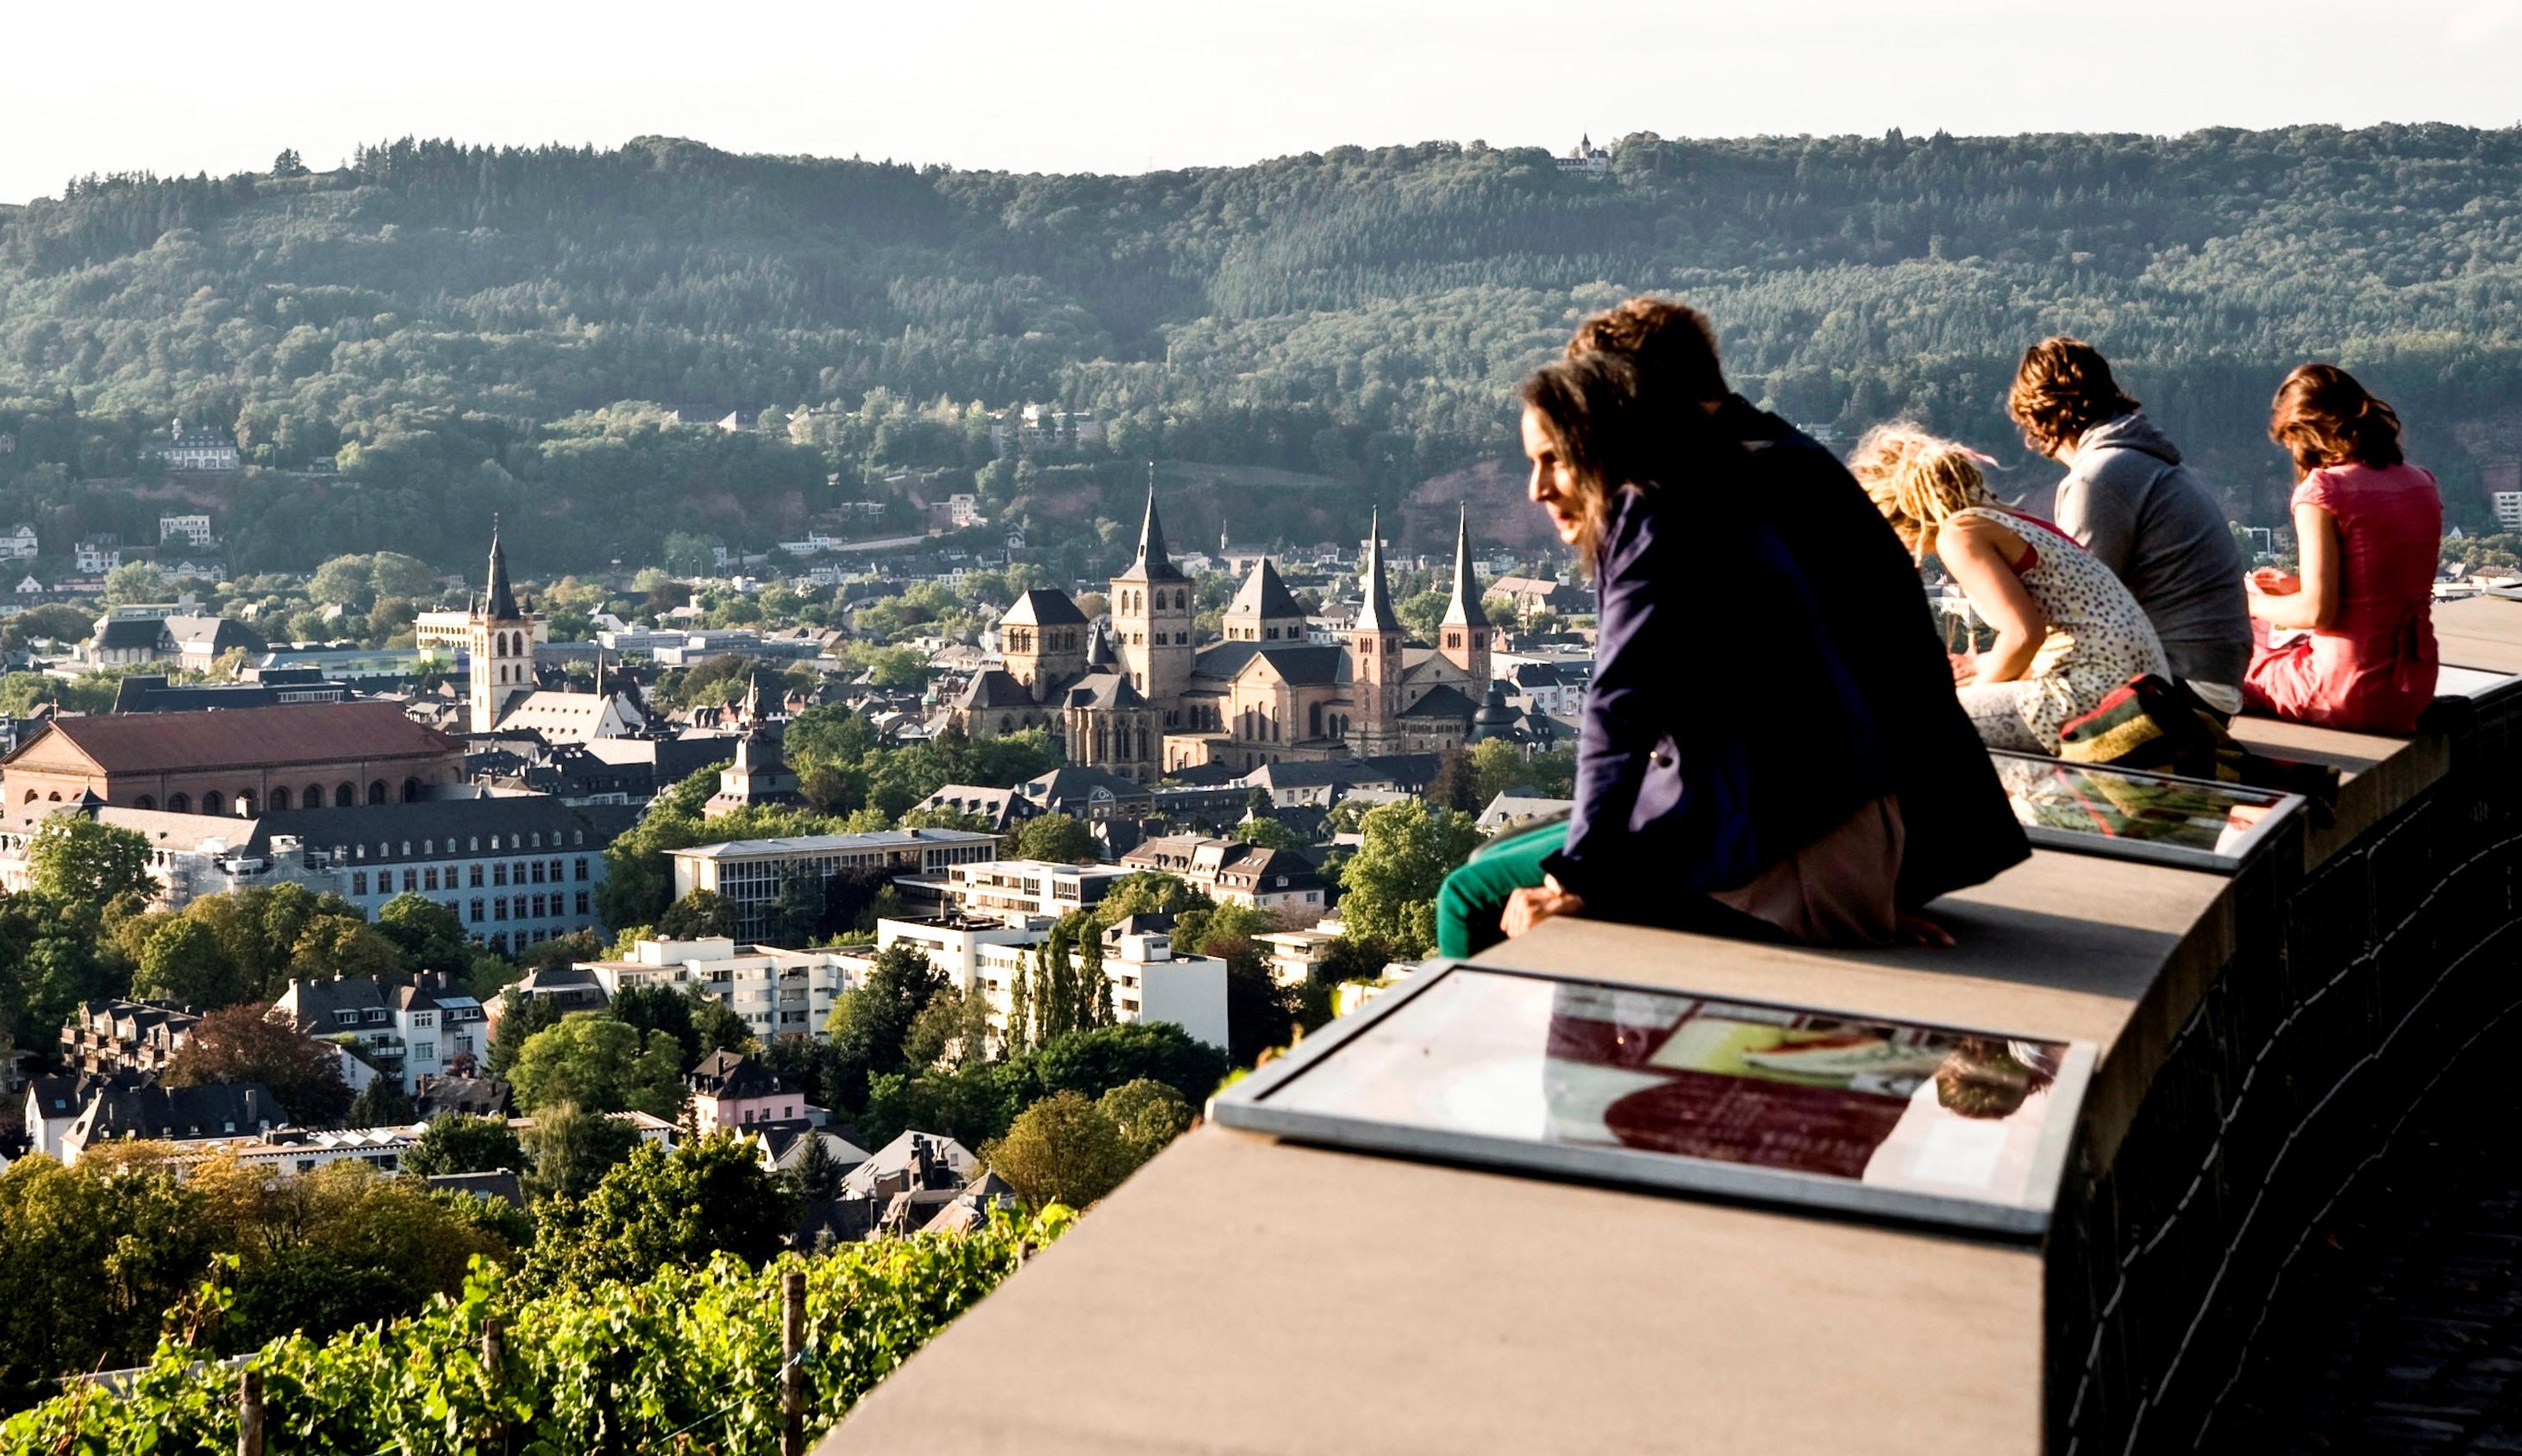 Touristen und Einheimische bewundern die Stadt vom Aussichtspunkt Petrisberg in Trier, Römerstadt